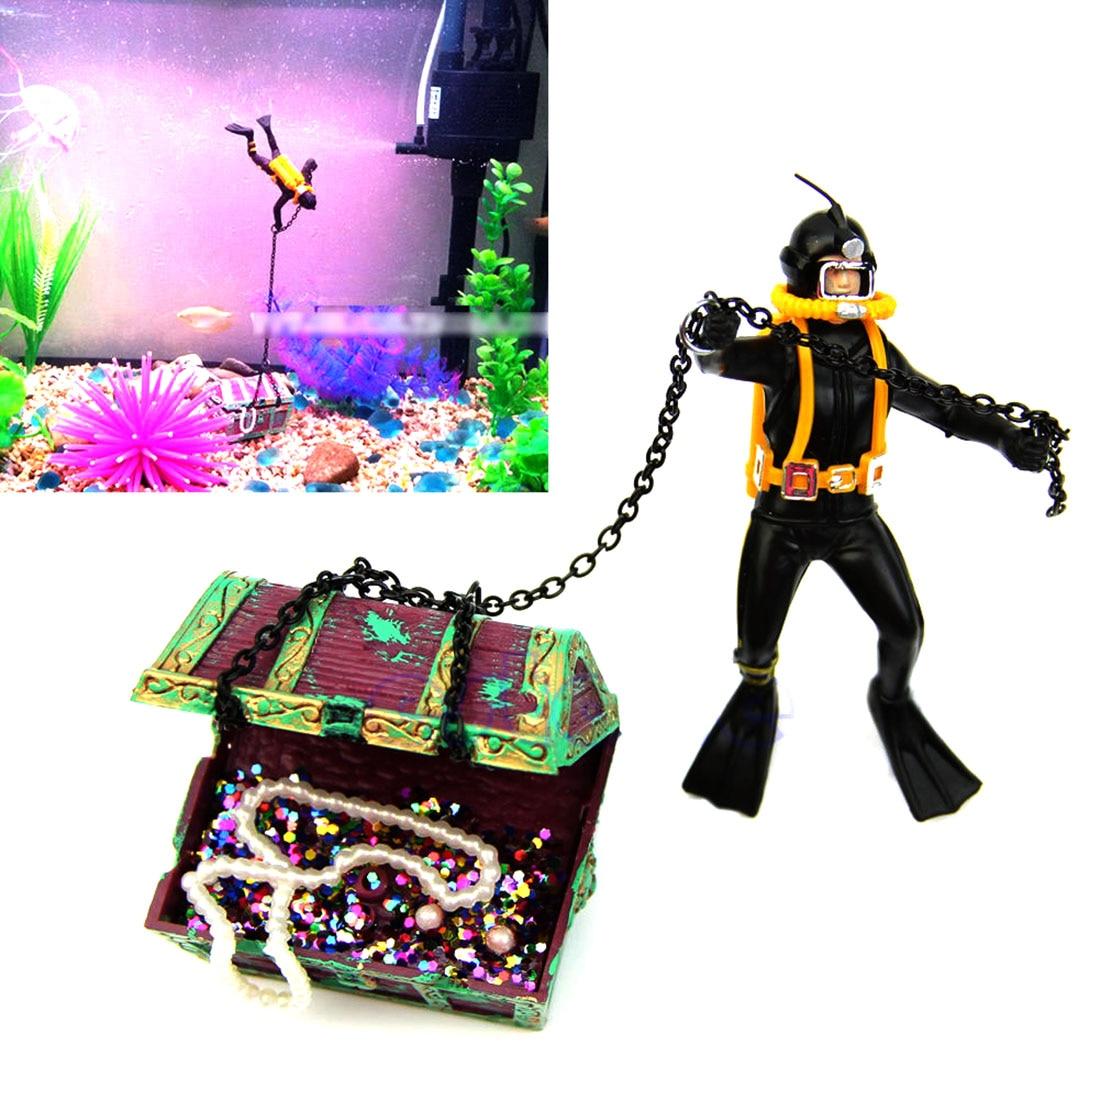 Fish aquarium price list - Unique Design Fish Tank Aquarium Ornament Landscape Hunter Diver Treasure Figure Action Home Decor China